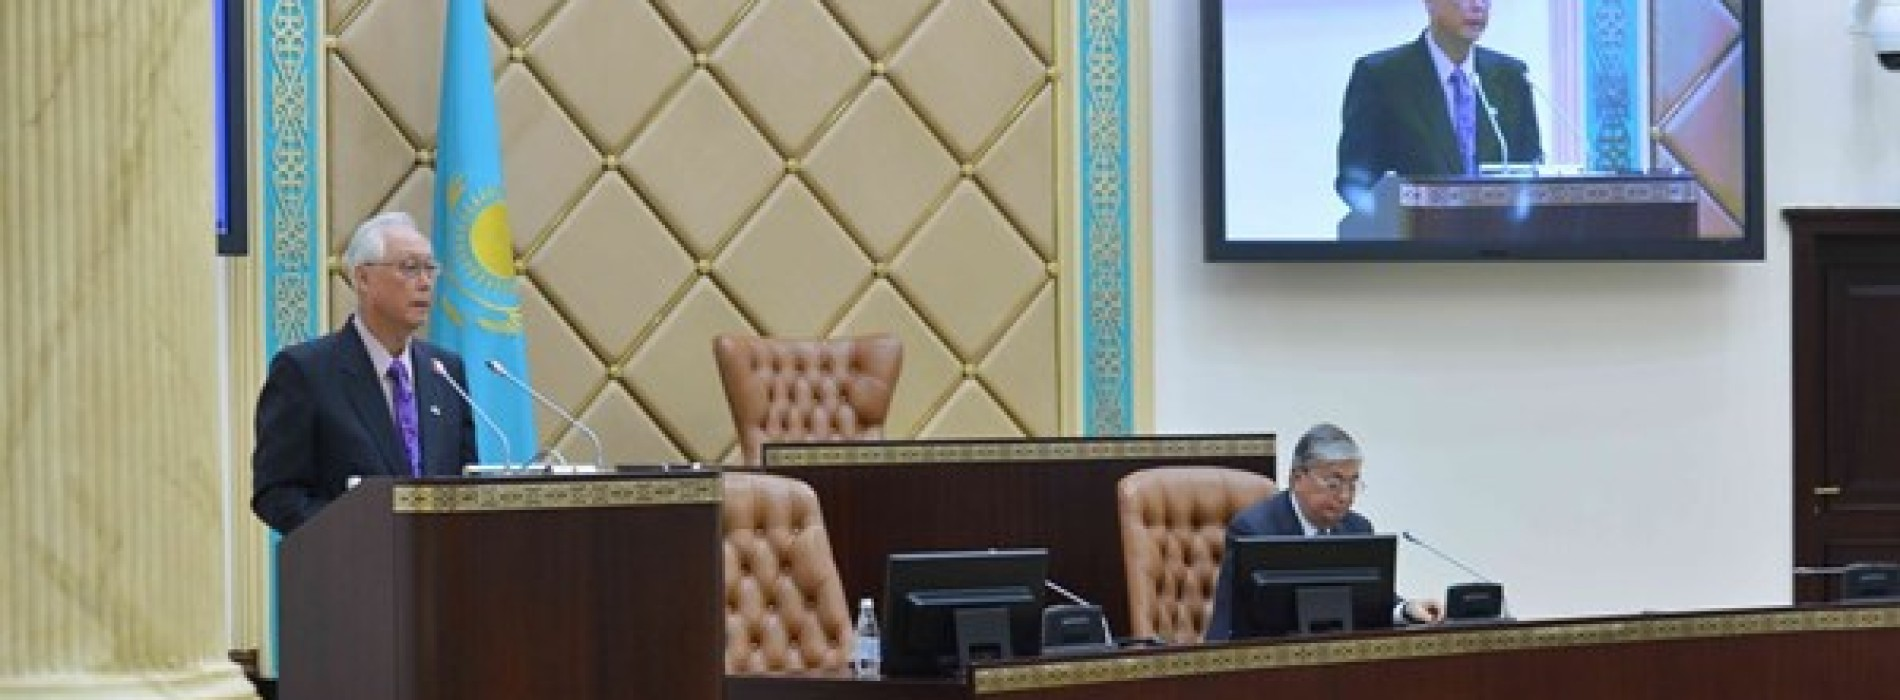 Экс-премьер Сингапура посоветовал властям Казахстана инвестировать в людей, а не в нефть